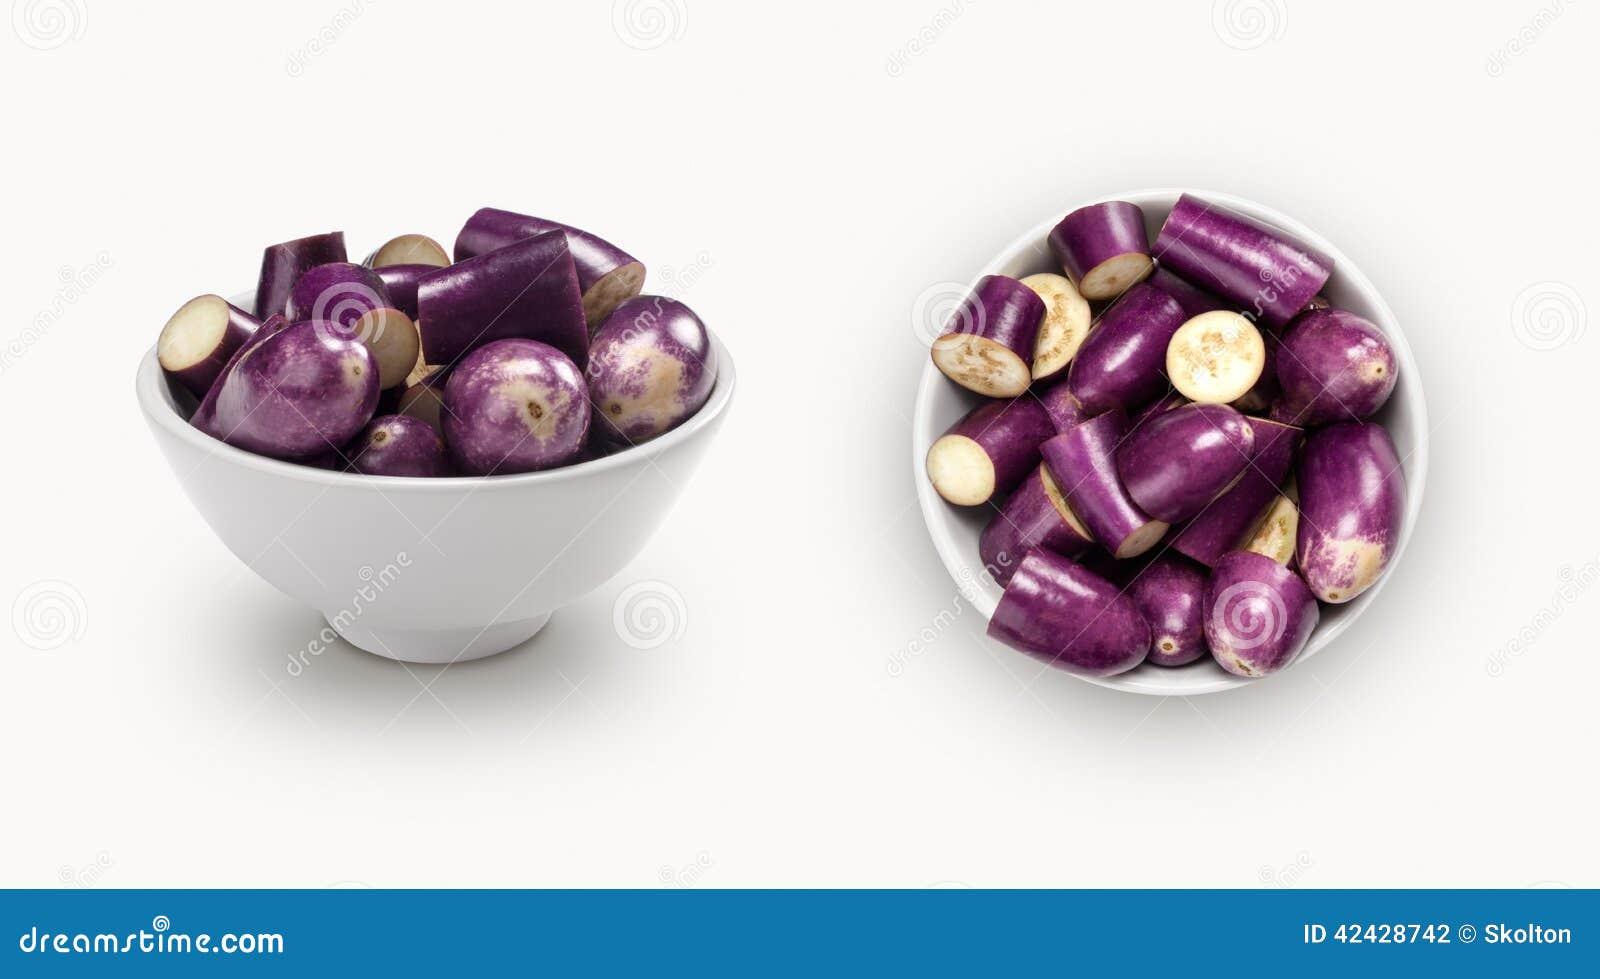 Berenjena púrpura en un cuenco